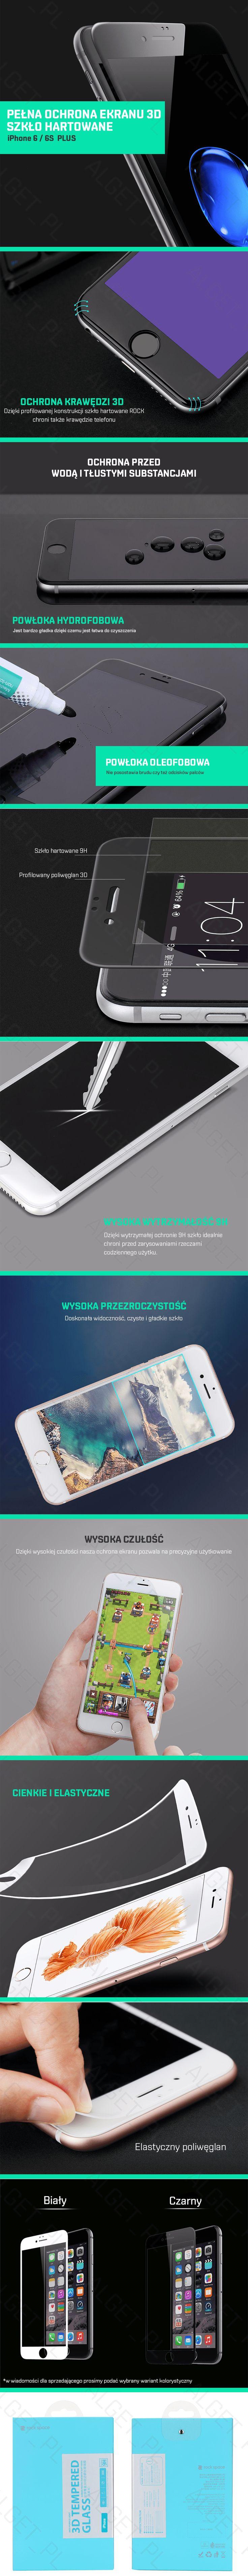 Przedmiotem aukcji jest pełne szkło hartowane 3D marki ROCK na wyświetlacz telefonu iPhone 6 PLUS oraz 6S PLUS. Model ten zakrywa w pełni cały ekran oraz zaokrąglone krawędzie dzięki czemu chroniona jest jego cała powierzchnia. Warstwa szkła hartowanego ma zaledwie 0,3mm grubości oraz cechuje go bardzo wysoka twardość (9H) zapewniając dodatkową ochronę dla Twojego telefonu. Idealna przezroczystość szkła nie zmienia wyświetlanego obrazu pozostawiając jasny i żywy obraz oraz nie powoduje…